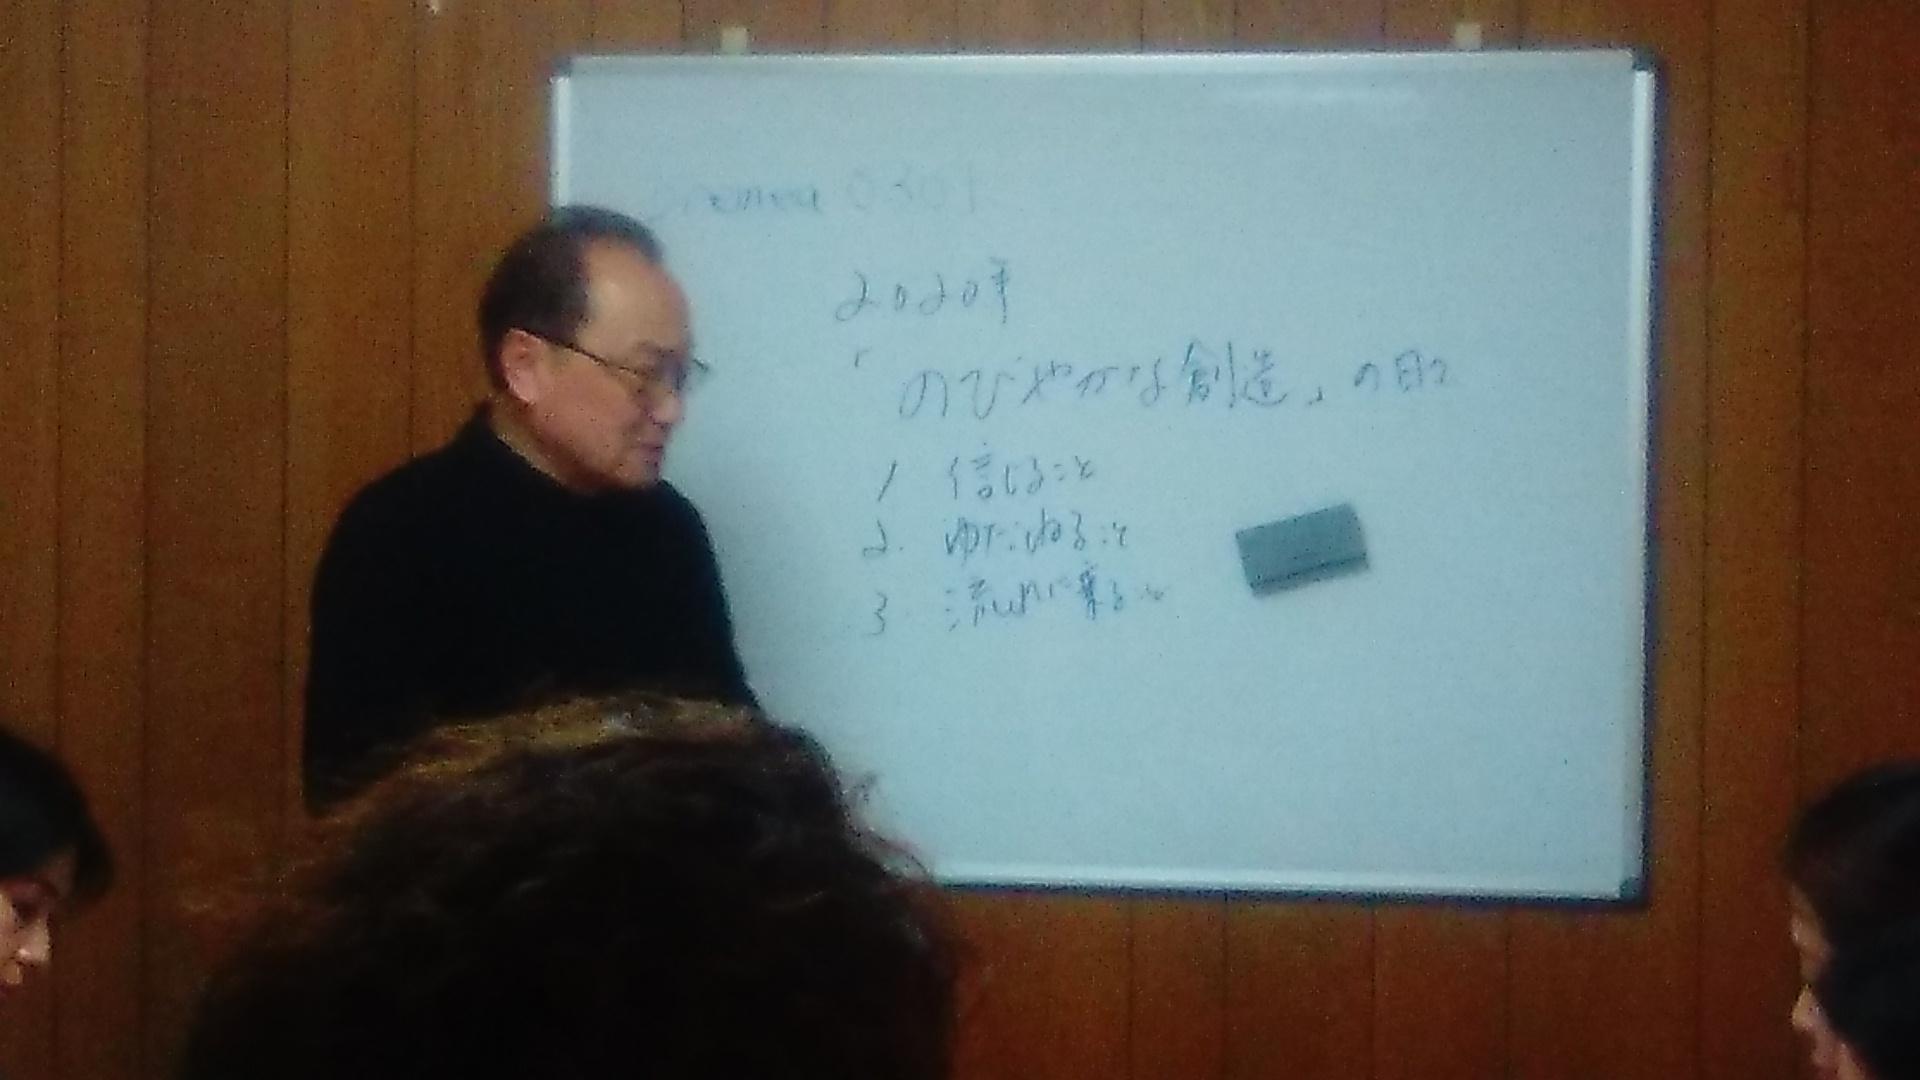 KIMG1496 - 胎内記憶教育協会、講師養成講座第5期の最終講義